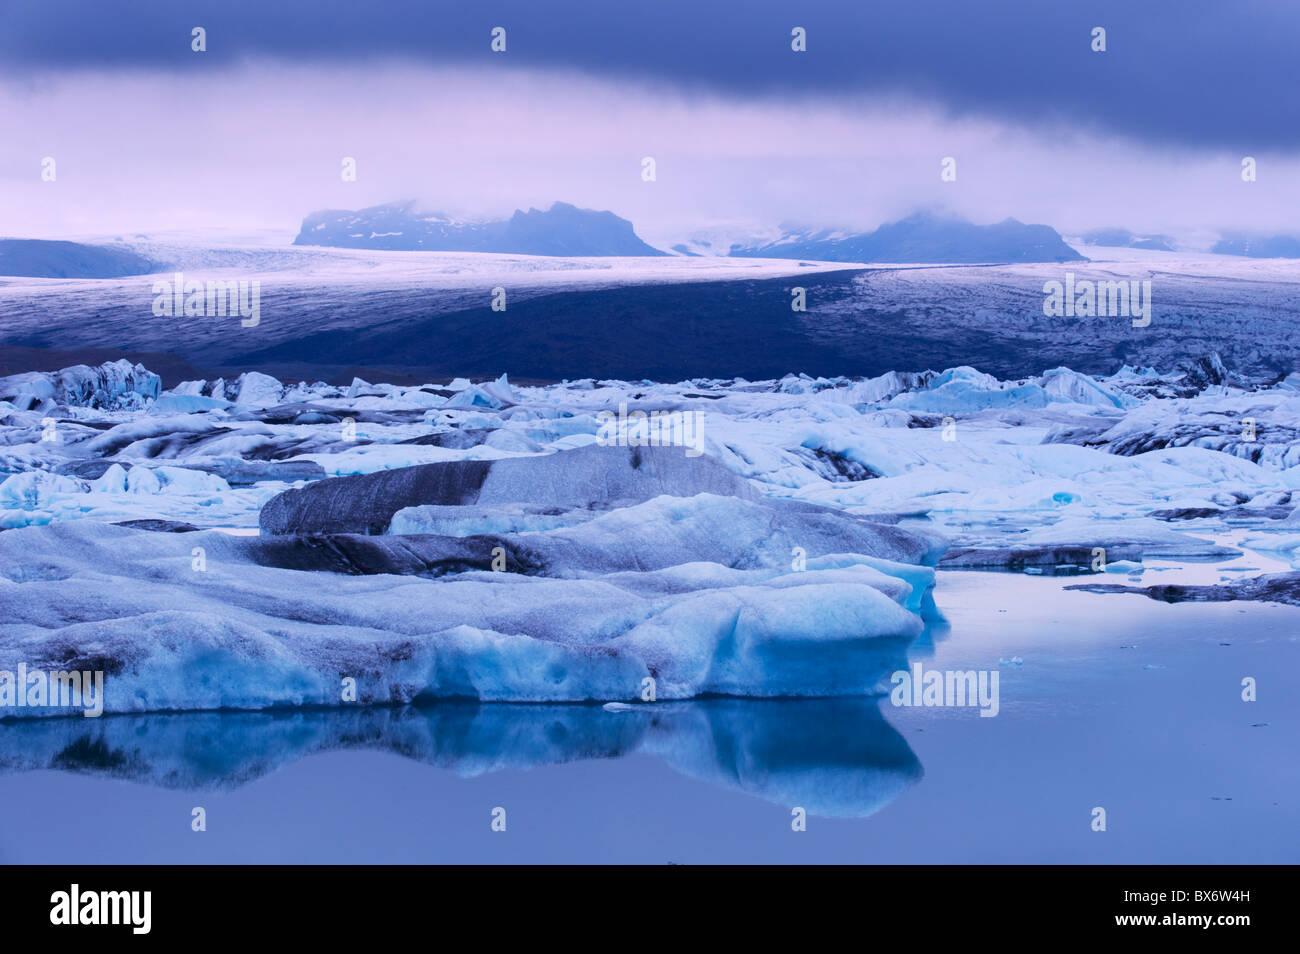 Jokulsarlon glacial lagoon (Breidarmerkurjokull sous le glacier Vatnajokull) qui l'alimente, au sud-est de l'Islande, Photo Stock